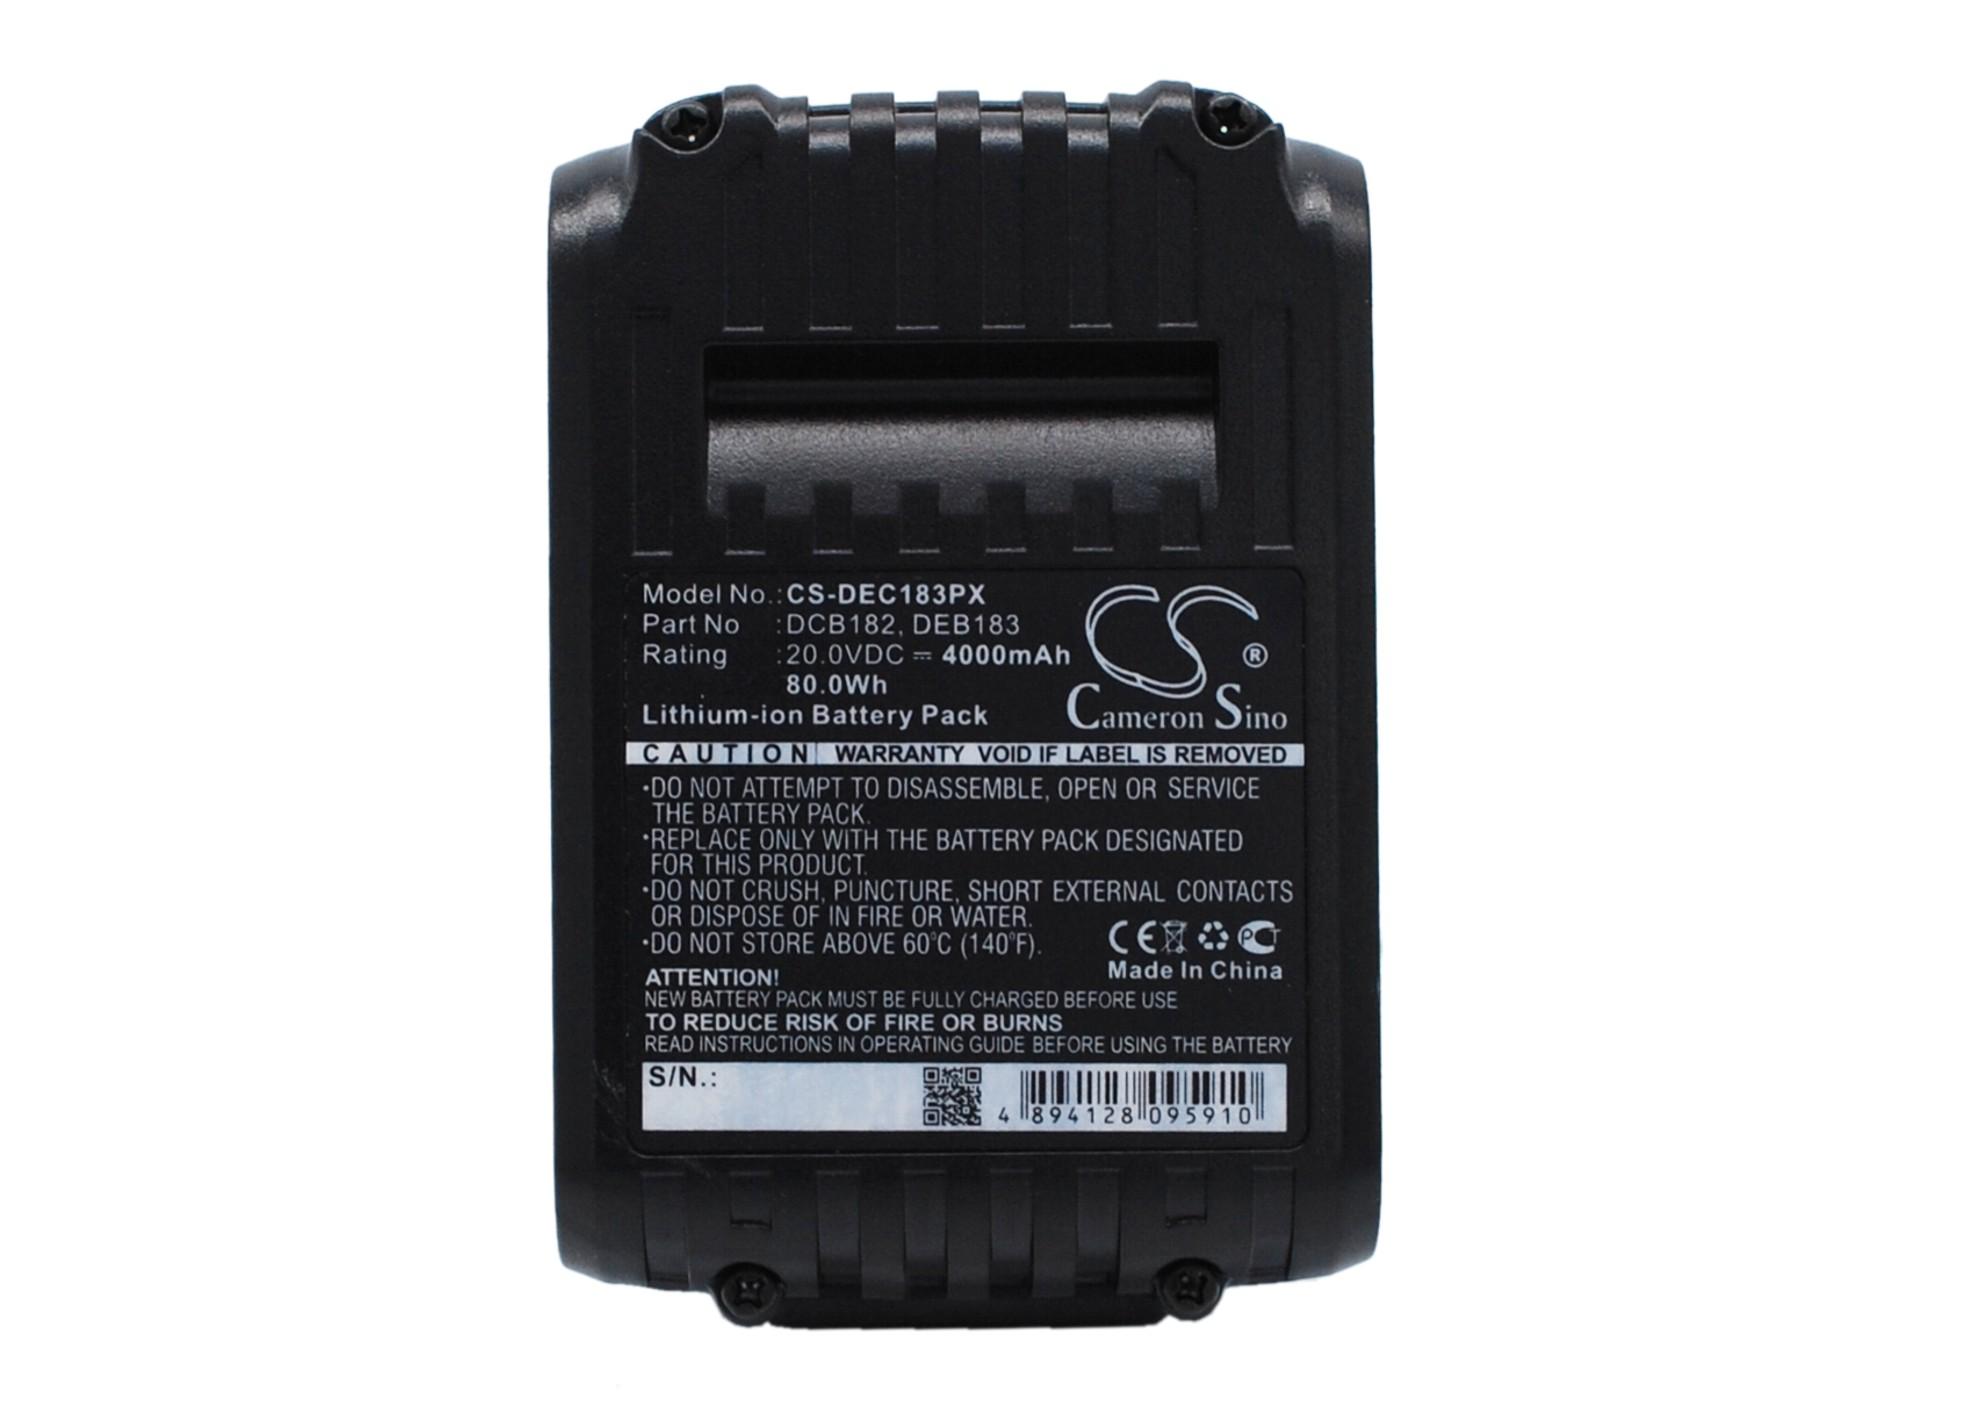 Cameron Sino baterie do nářadí pro DEWALT DCS380L1 20V Li-ion 4000mAh černá - neoriginální